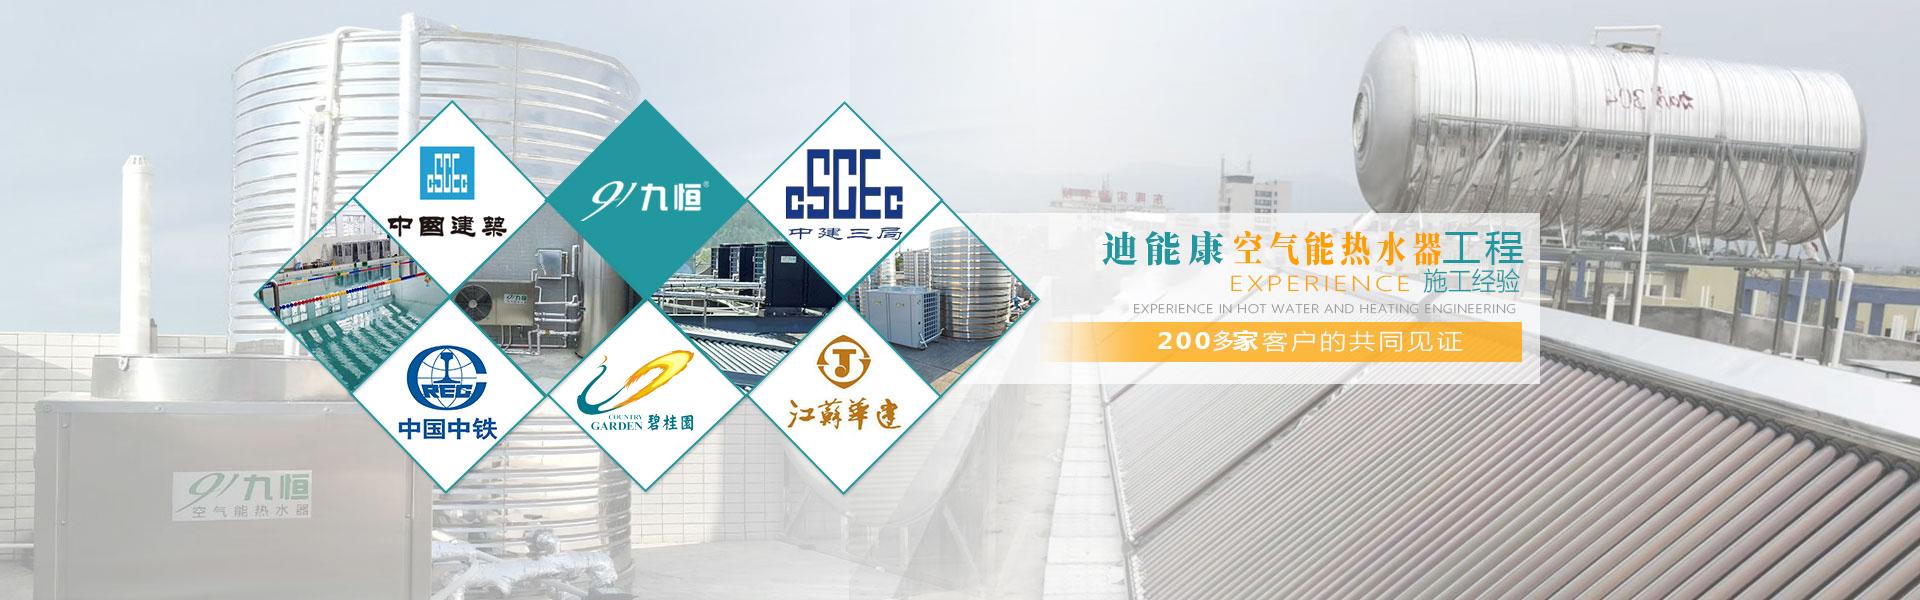 贵州万博登录页能新万博最新版本下载